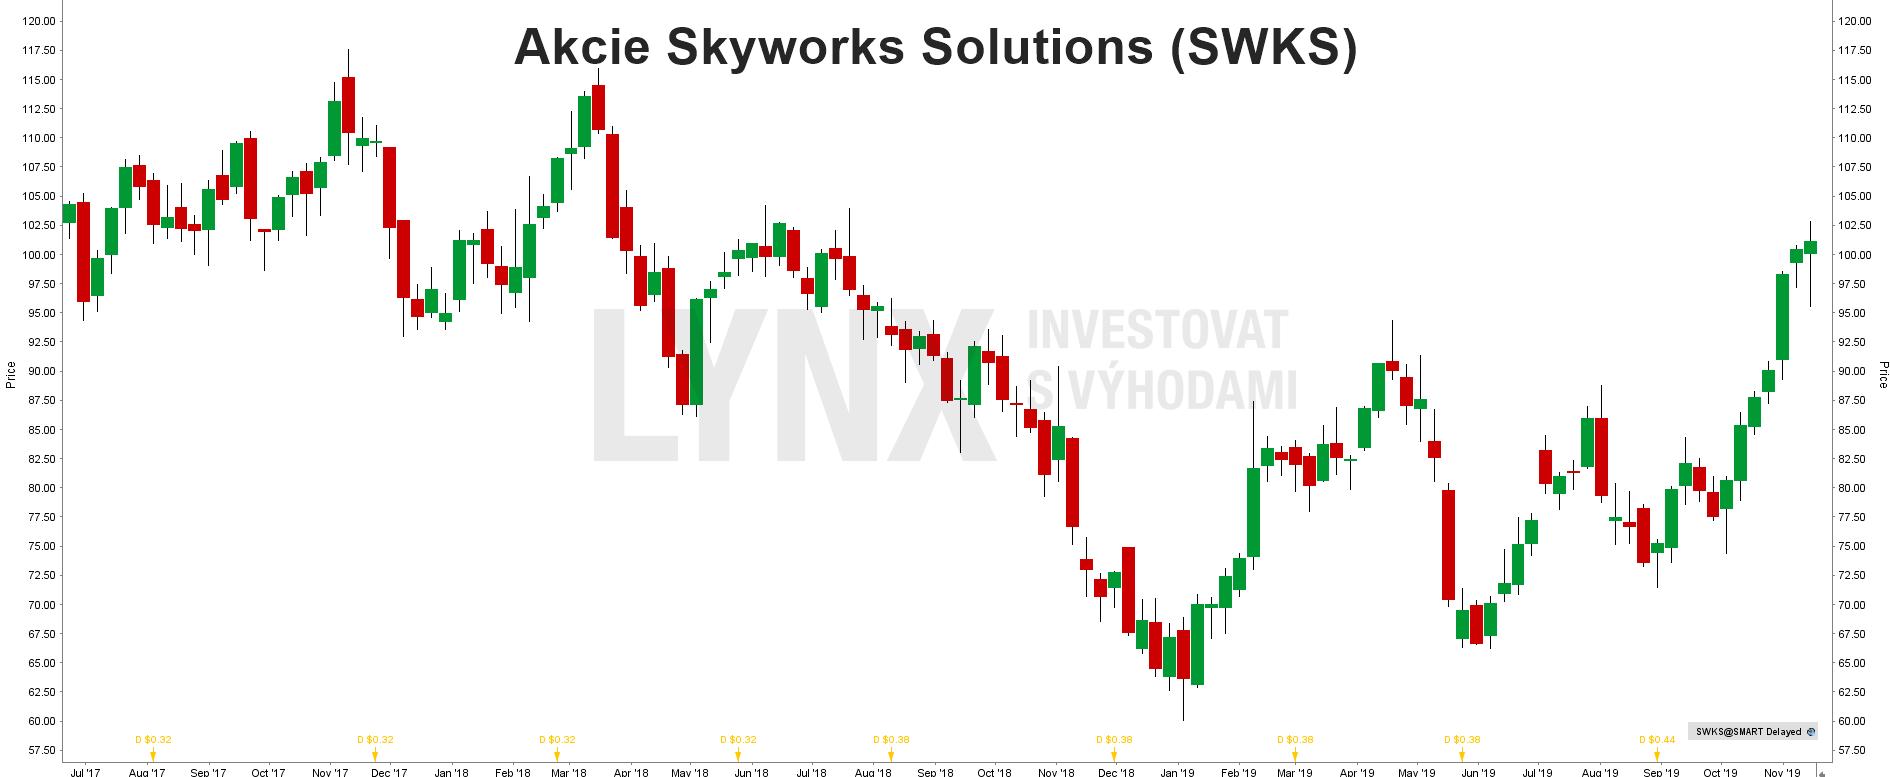 Akcie Skyworks Solutions - graf